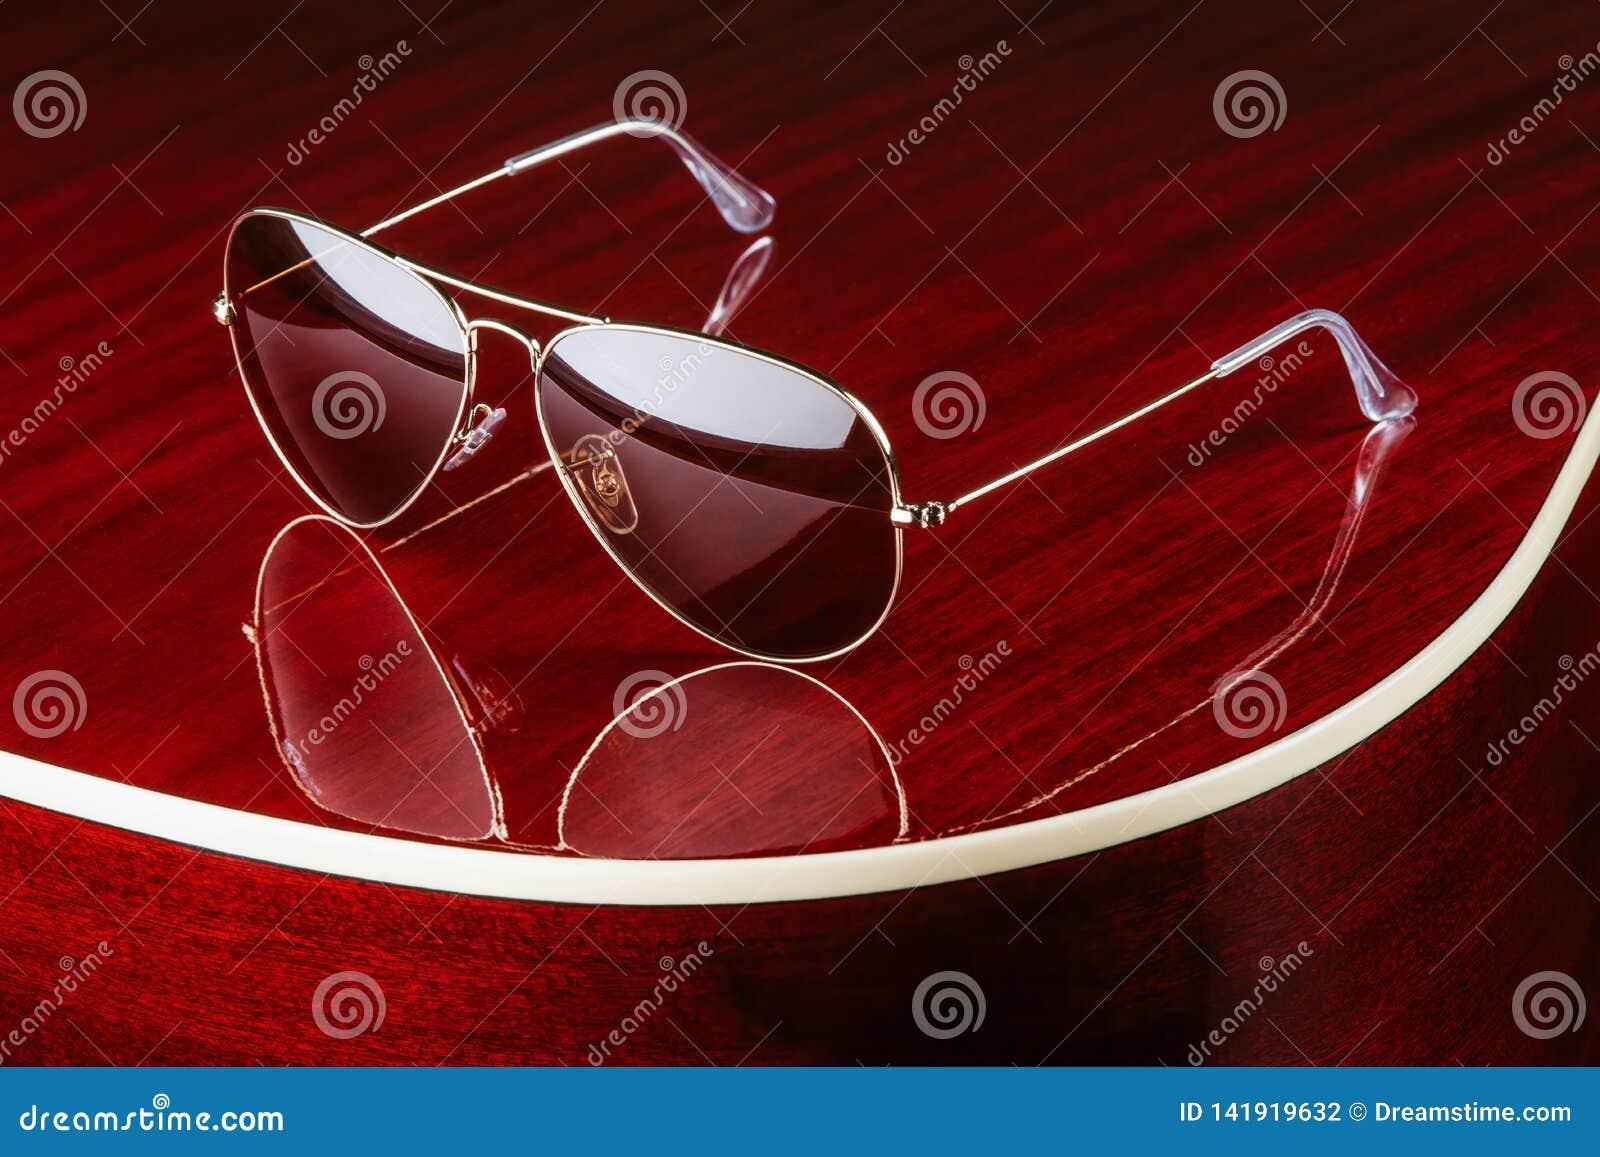 Óculos de sol do estilo do aviador na guitarra lustrosa